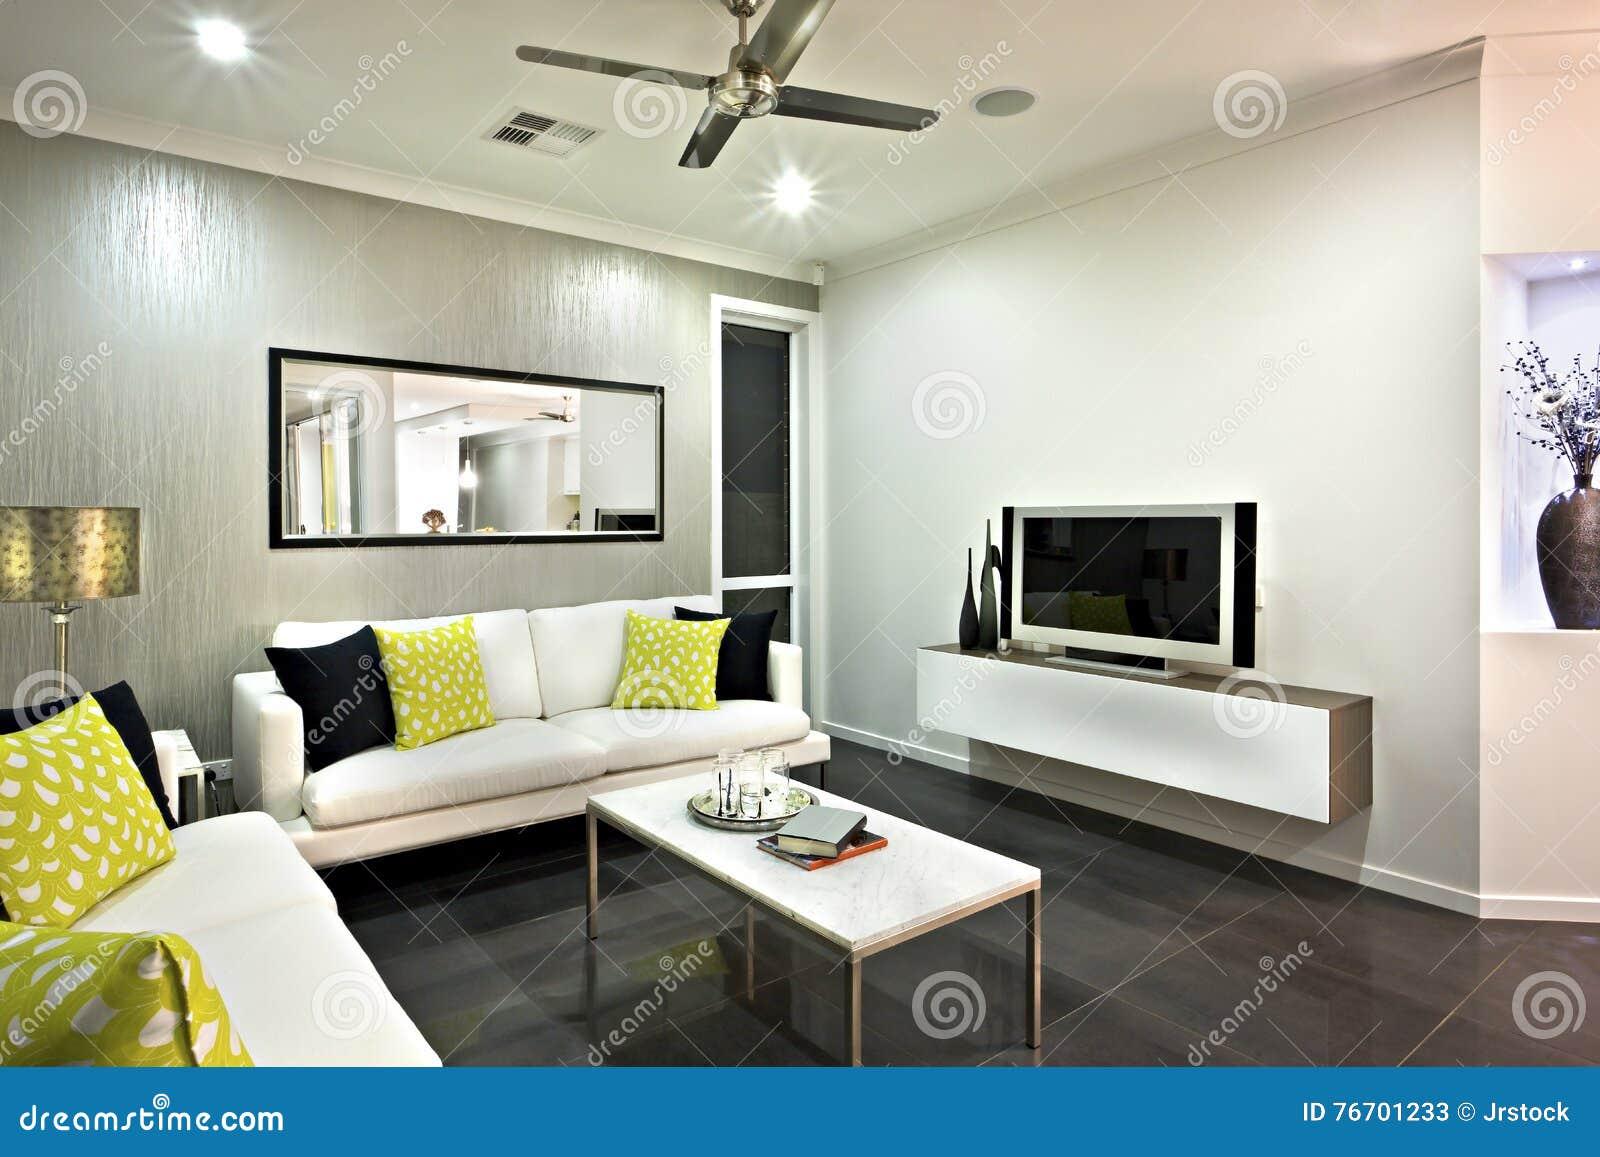 Vardagsrumområdesslut upp med en spegel och en television